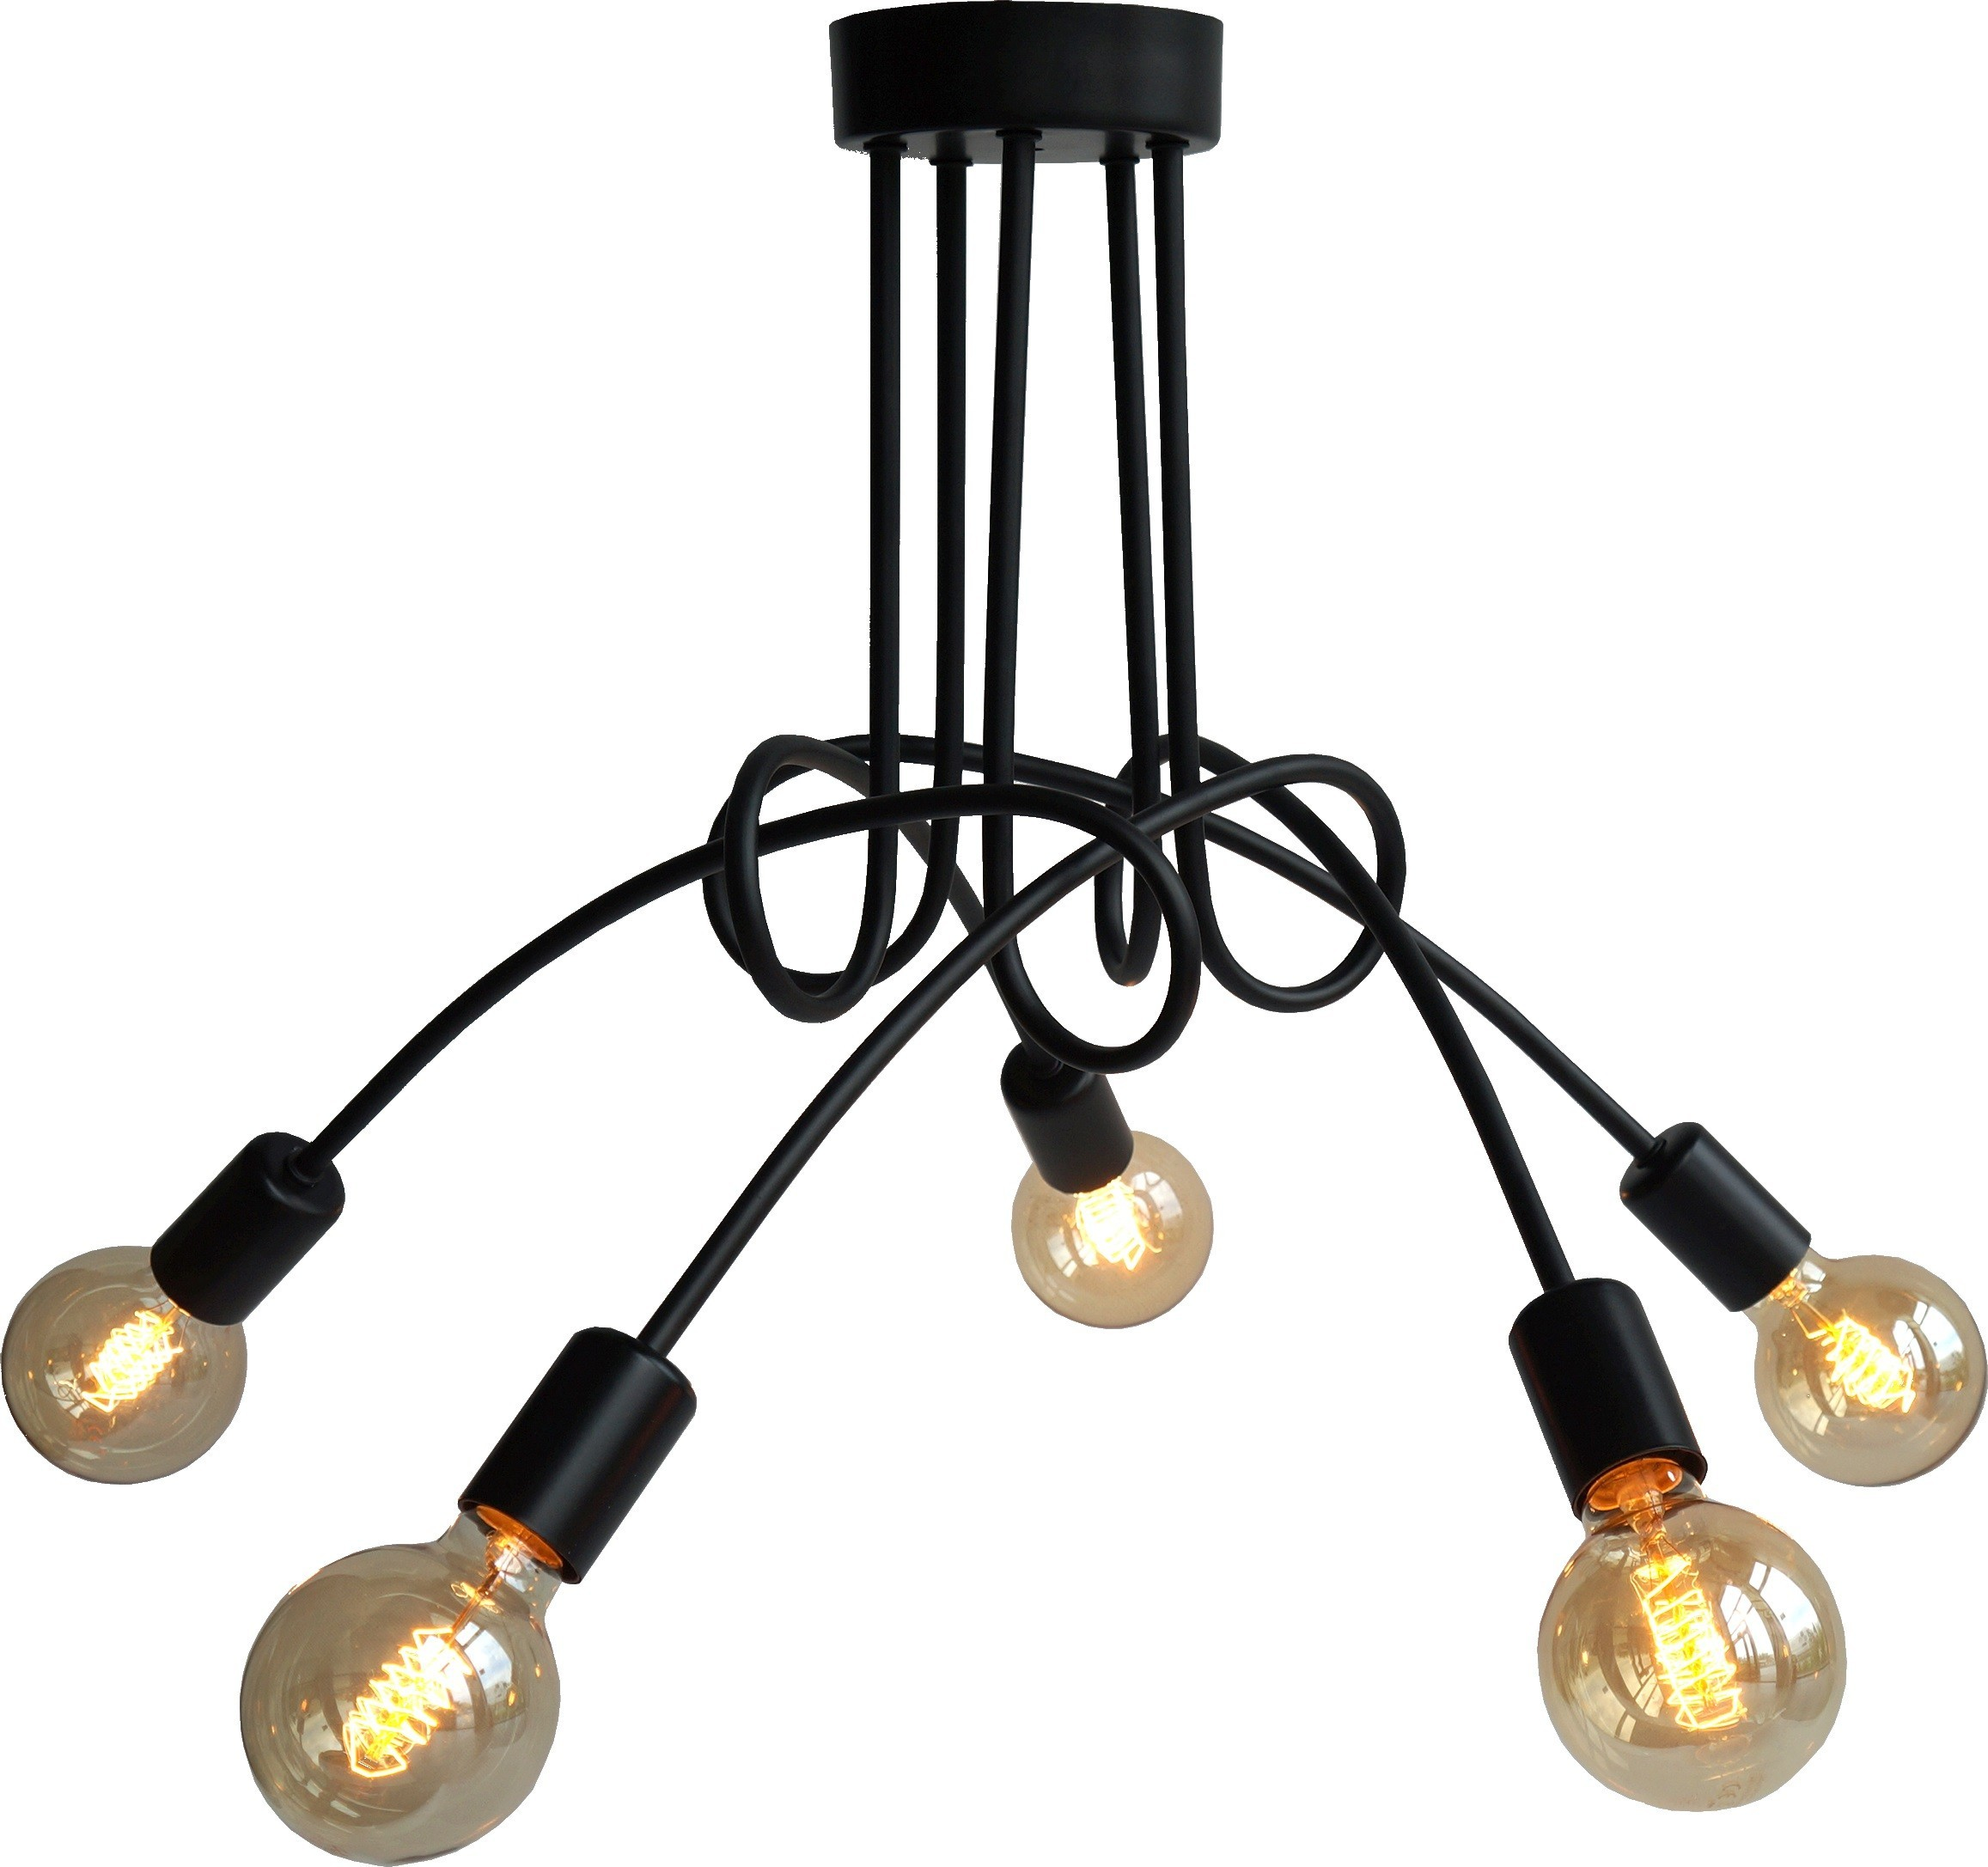 Lampa sufitowa Spin 5 czarna LP-1313/5P - Light Prestige // Rabaty w koszyku i darmowa dostawa od 299zł !